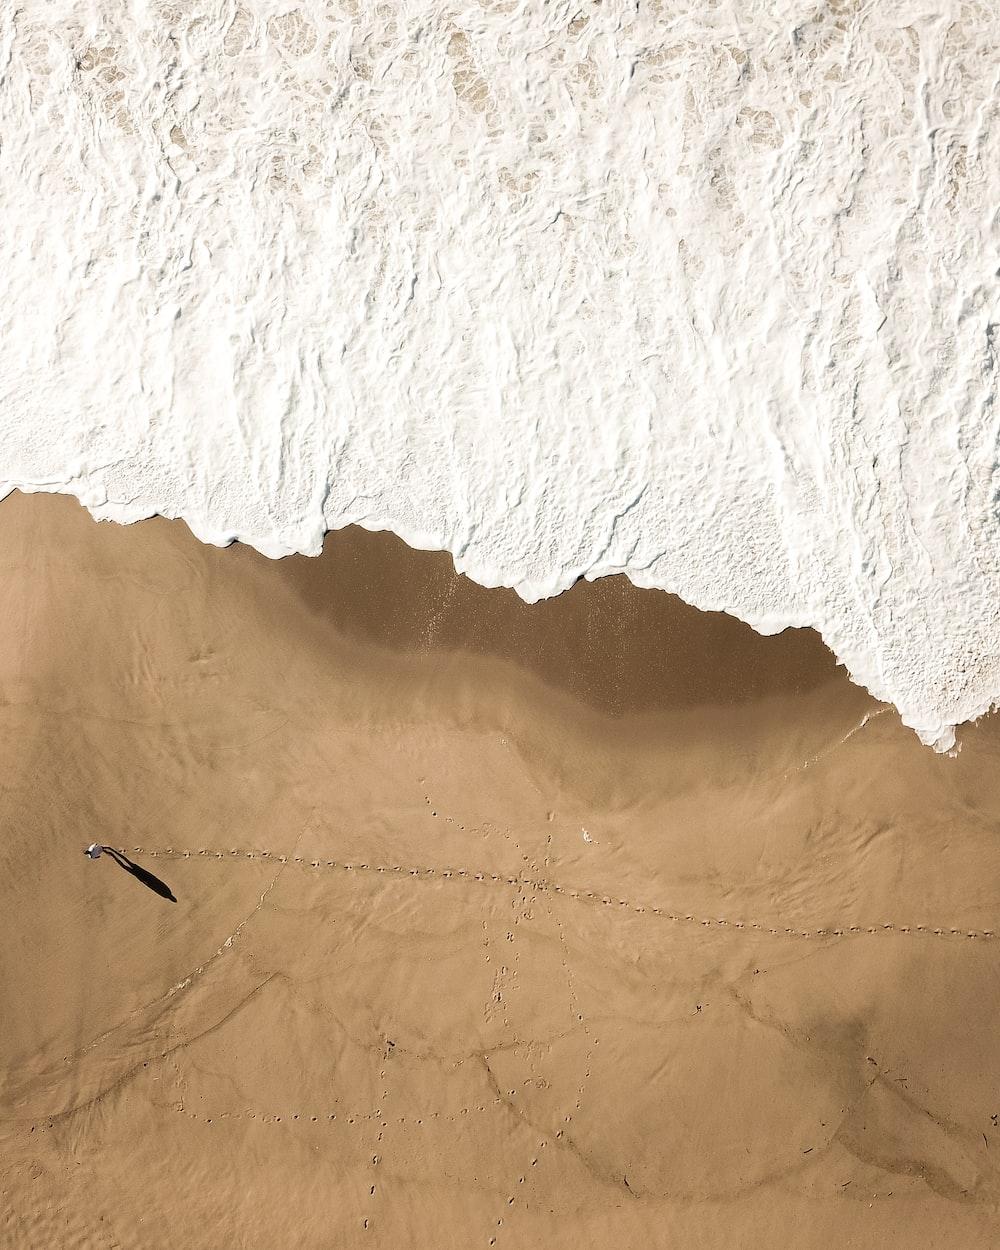 aerial view of person near beach